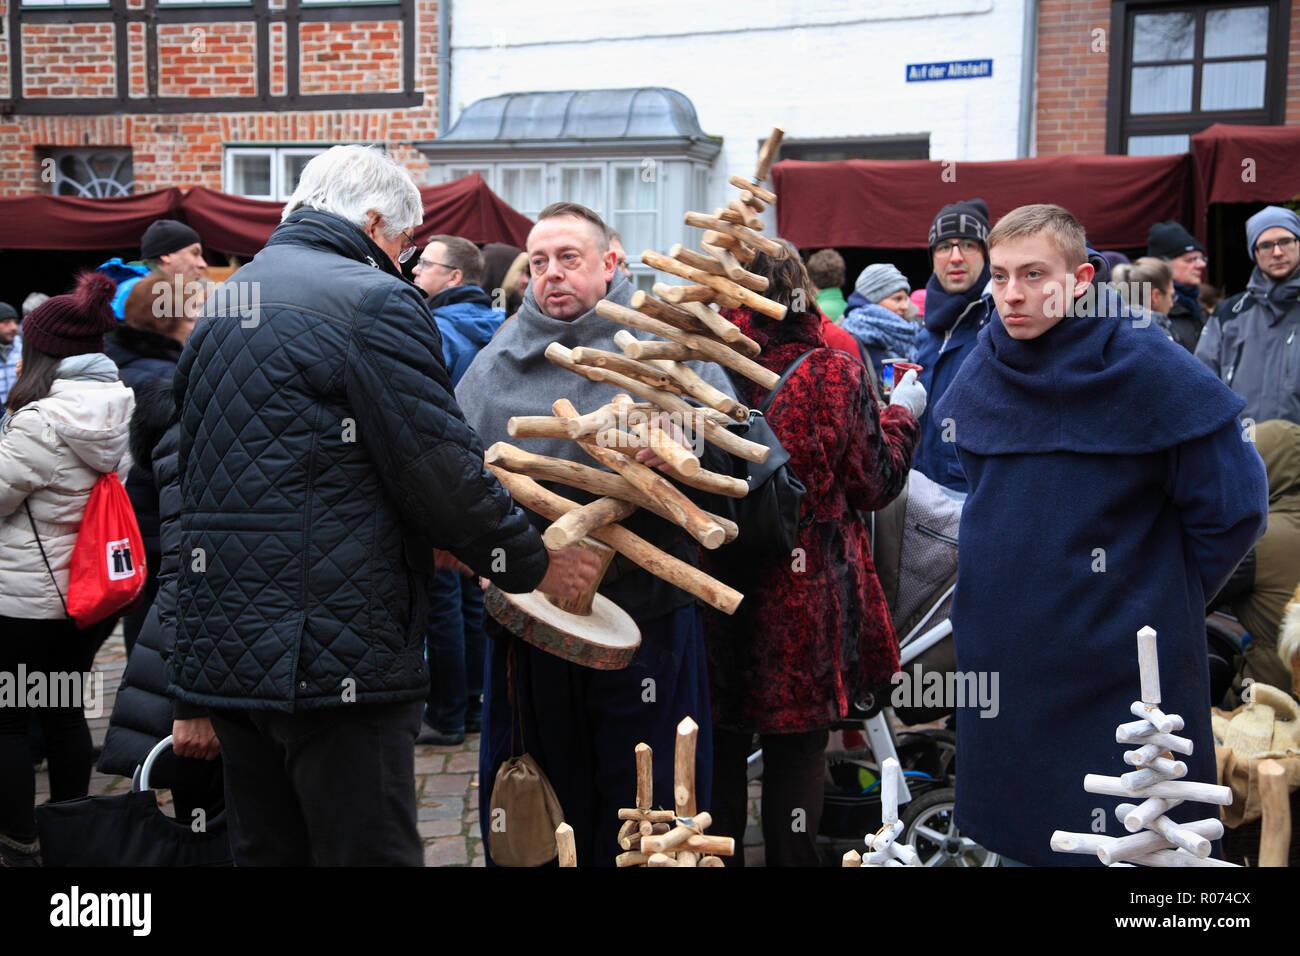 Christmas market in the old town of Lüneburg, Lueneburg, Weihnachtsmarkt in der Altstadt, Verkaufsstand, Lower Saxony, Germany, Europe - Stock Image